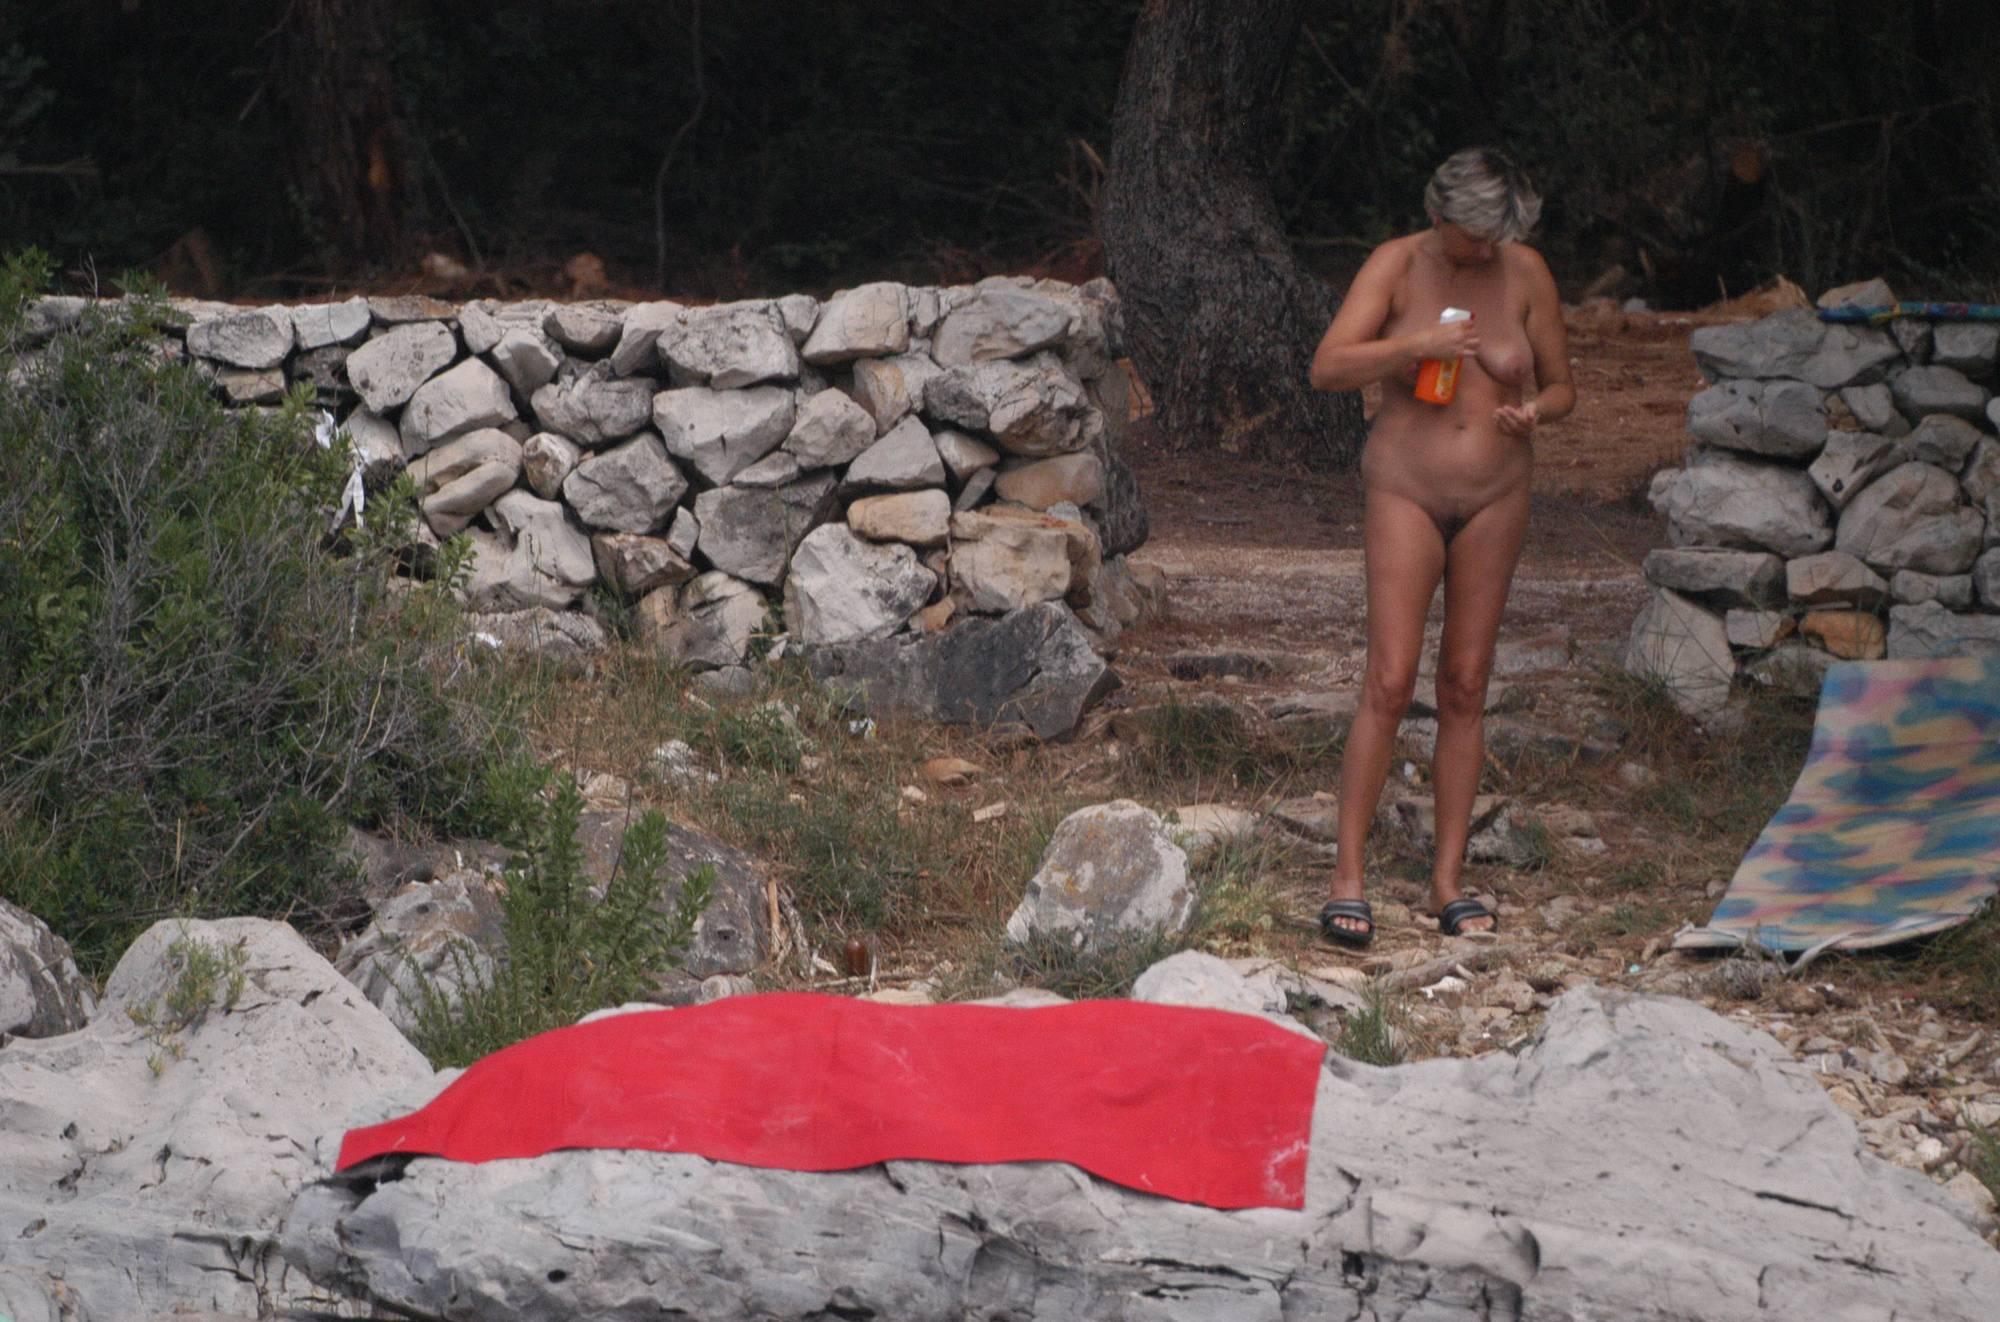 Nudist Pics Croatian Rock-Front Coast - 1